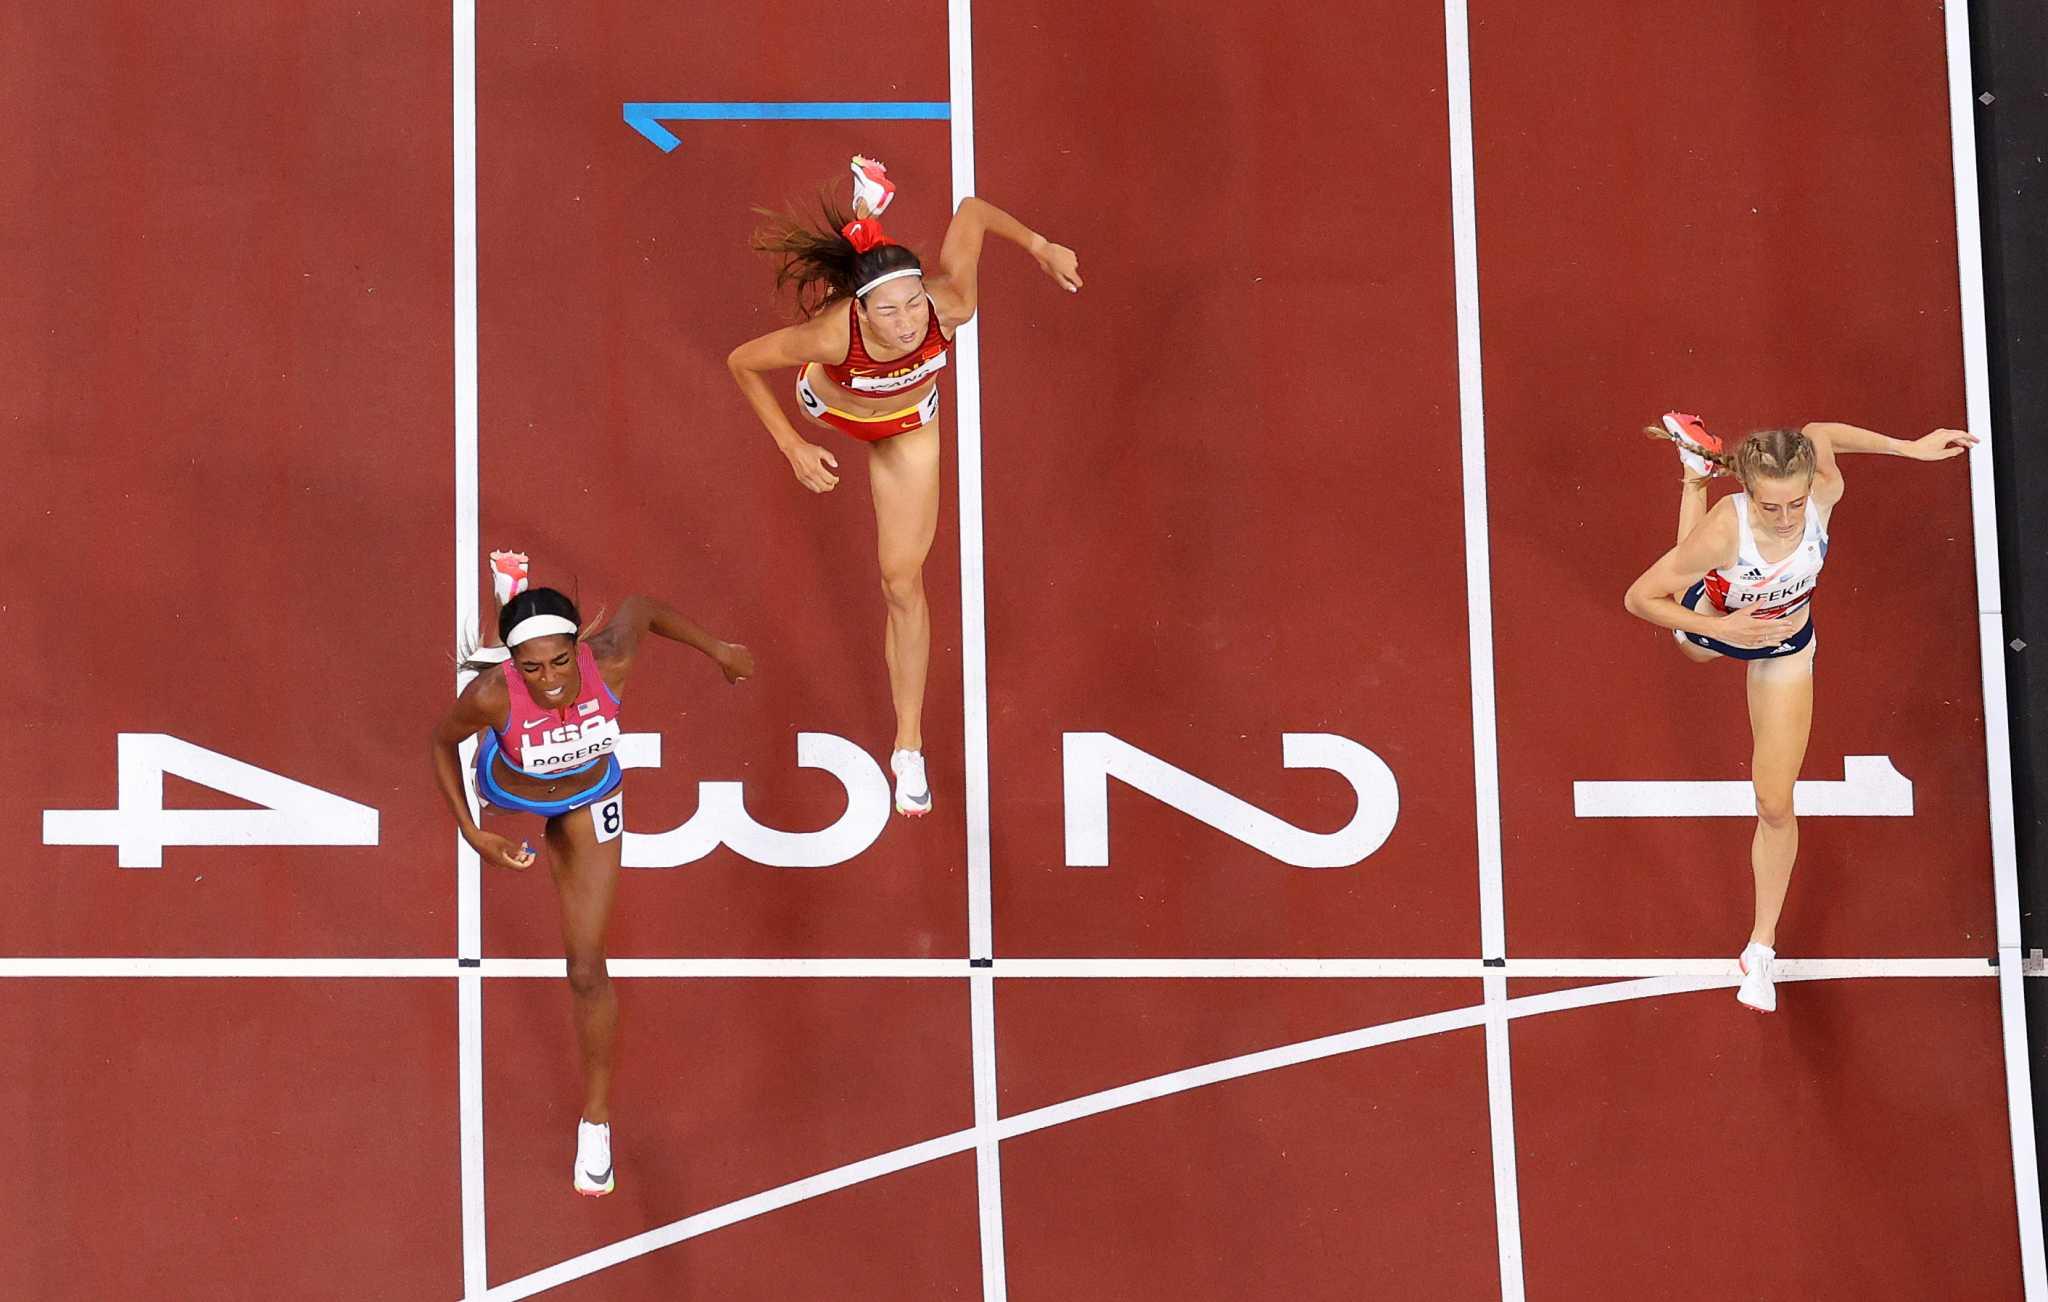 Raevyn Rogers of Kinkaid wins bronze in 800 meters - Houston Chronicle